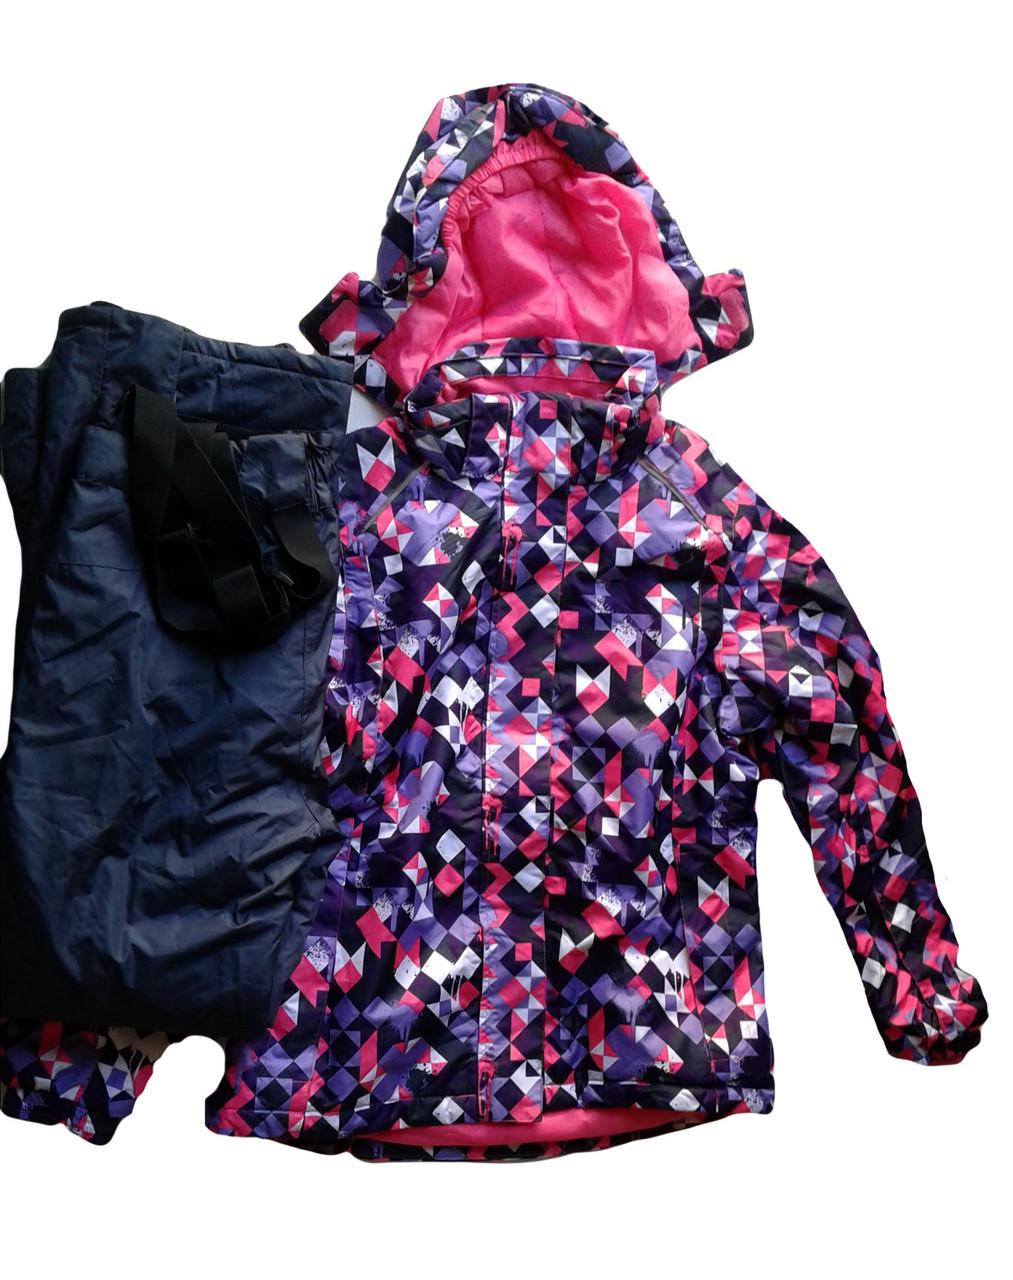 Комбинезон с курткой для девочки, CRIVIT, размер 158/164, арт. Л-436